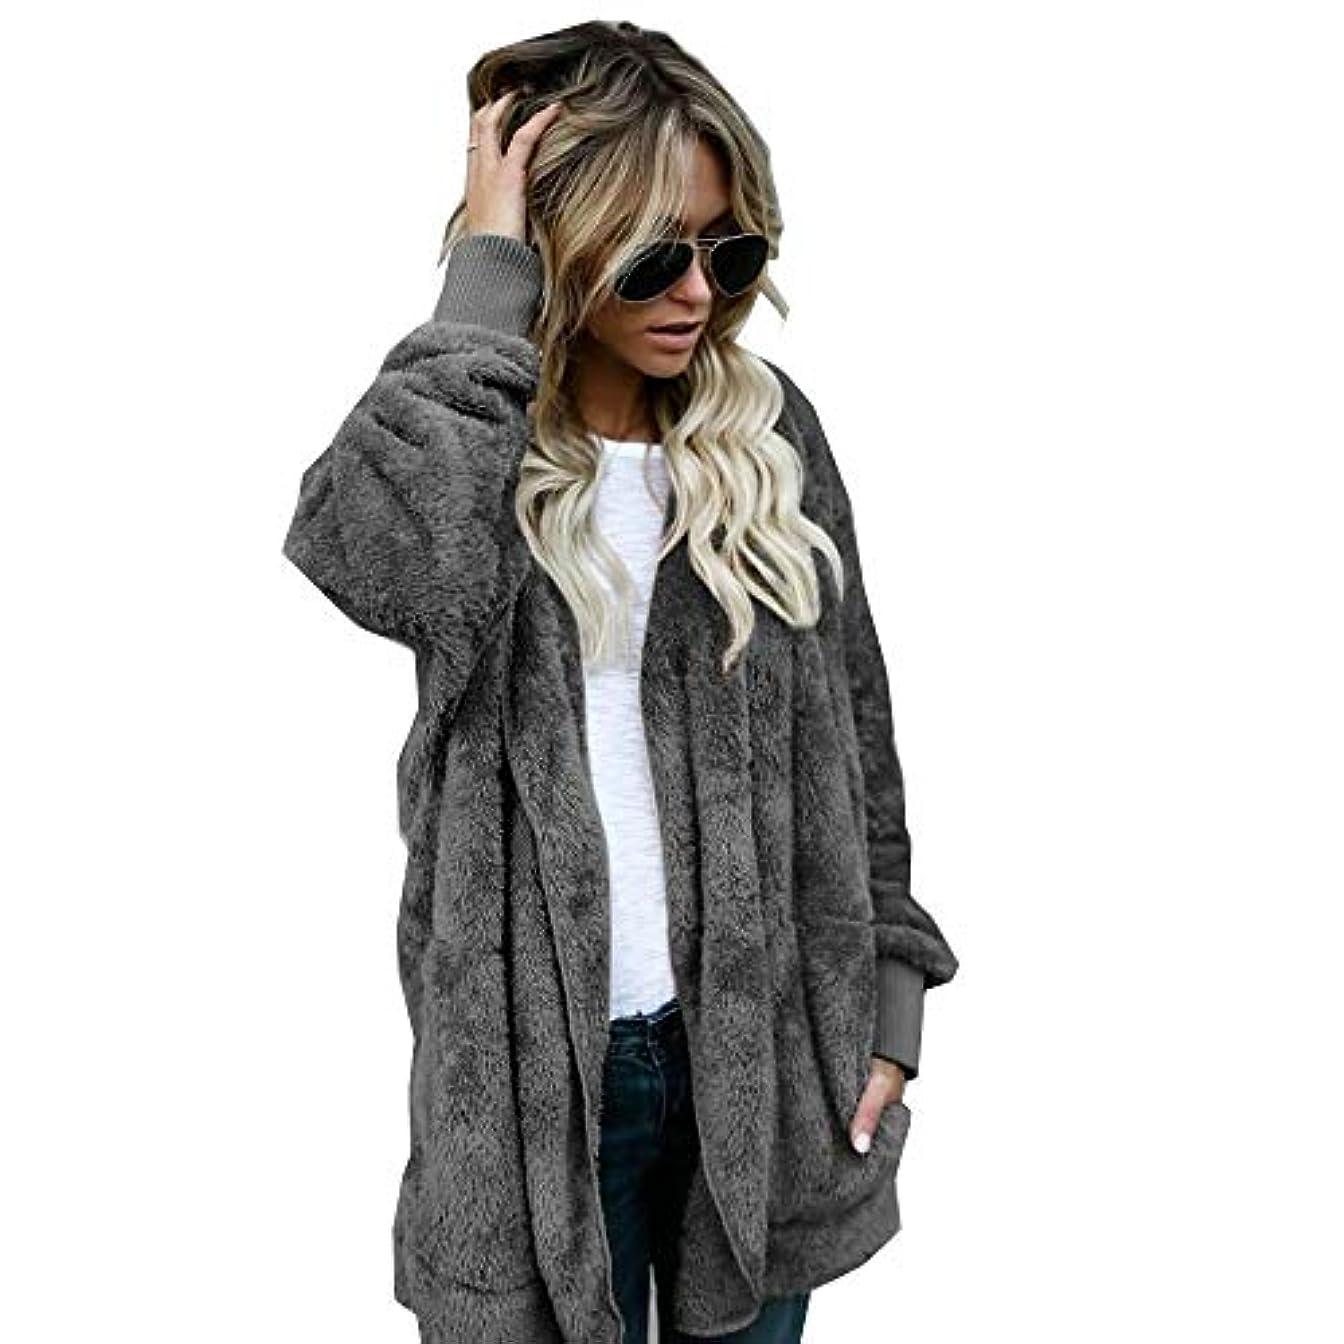 脆い悪党変形MIFAN 長袖パーカー、冬のコート、女性のコート、女性の緩い厚く暖かいフェイクファーフード付きカーディガン